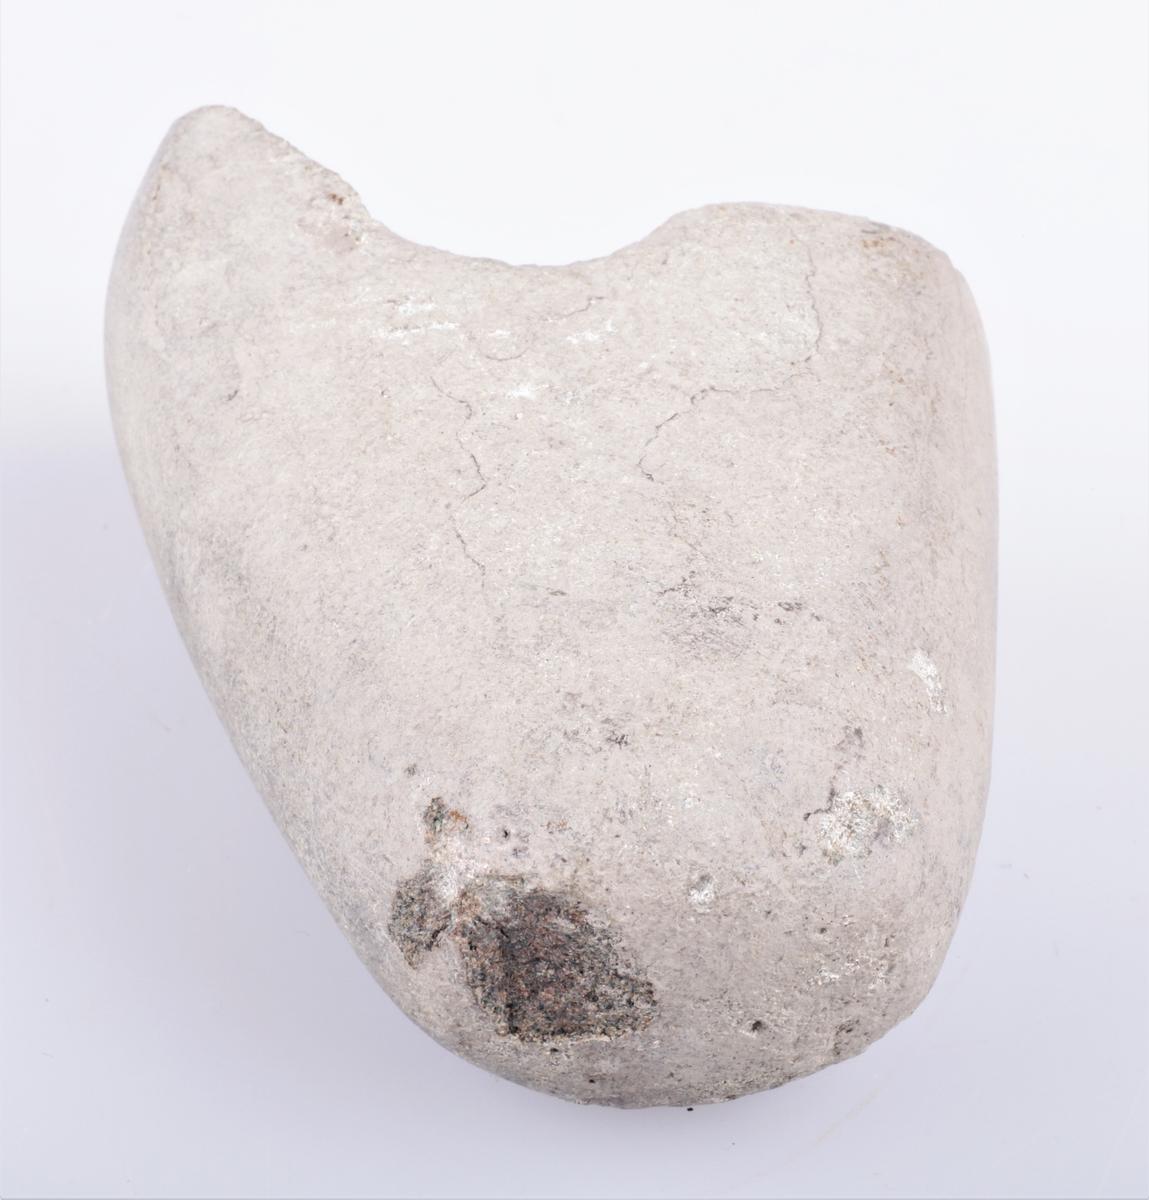 Nakkestykket av steinøks med skafthul, pent avrundet. Funnet på Hårstad, Balke s. Ø. Toten. Fra yngre steinalder